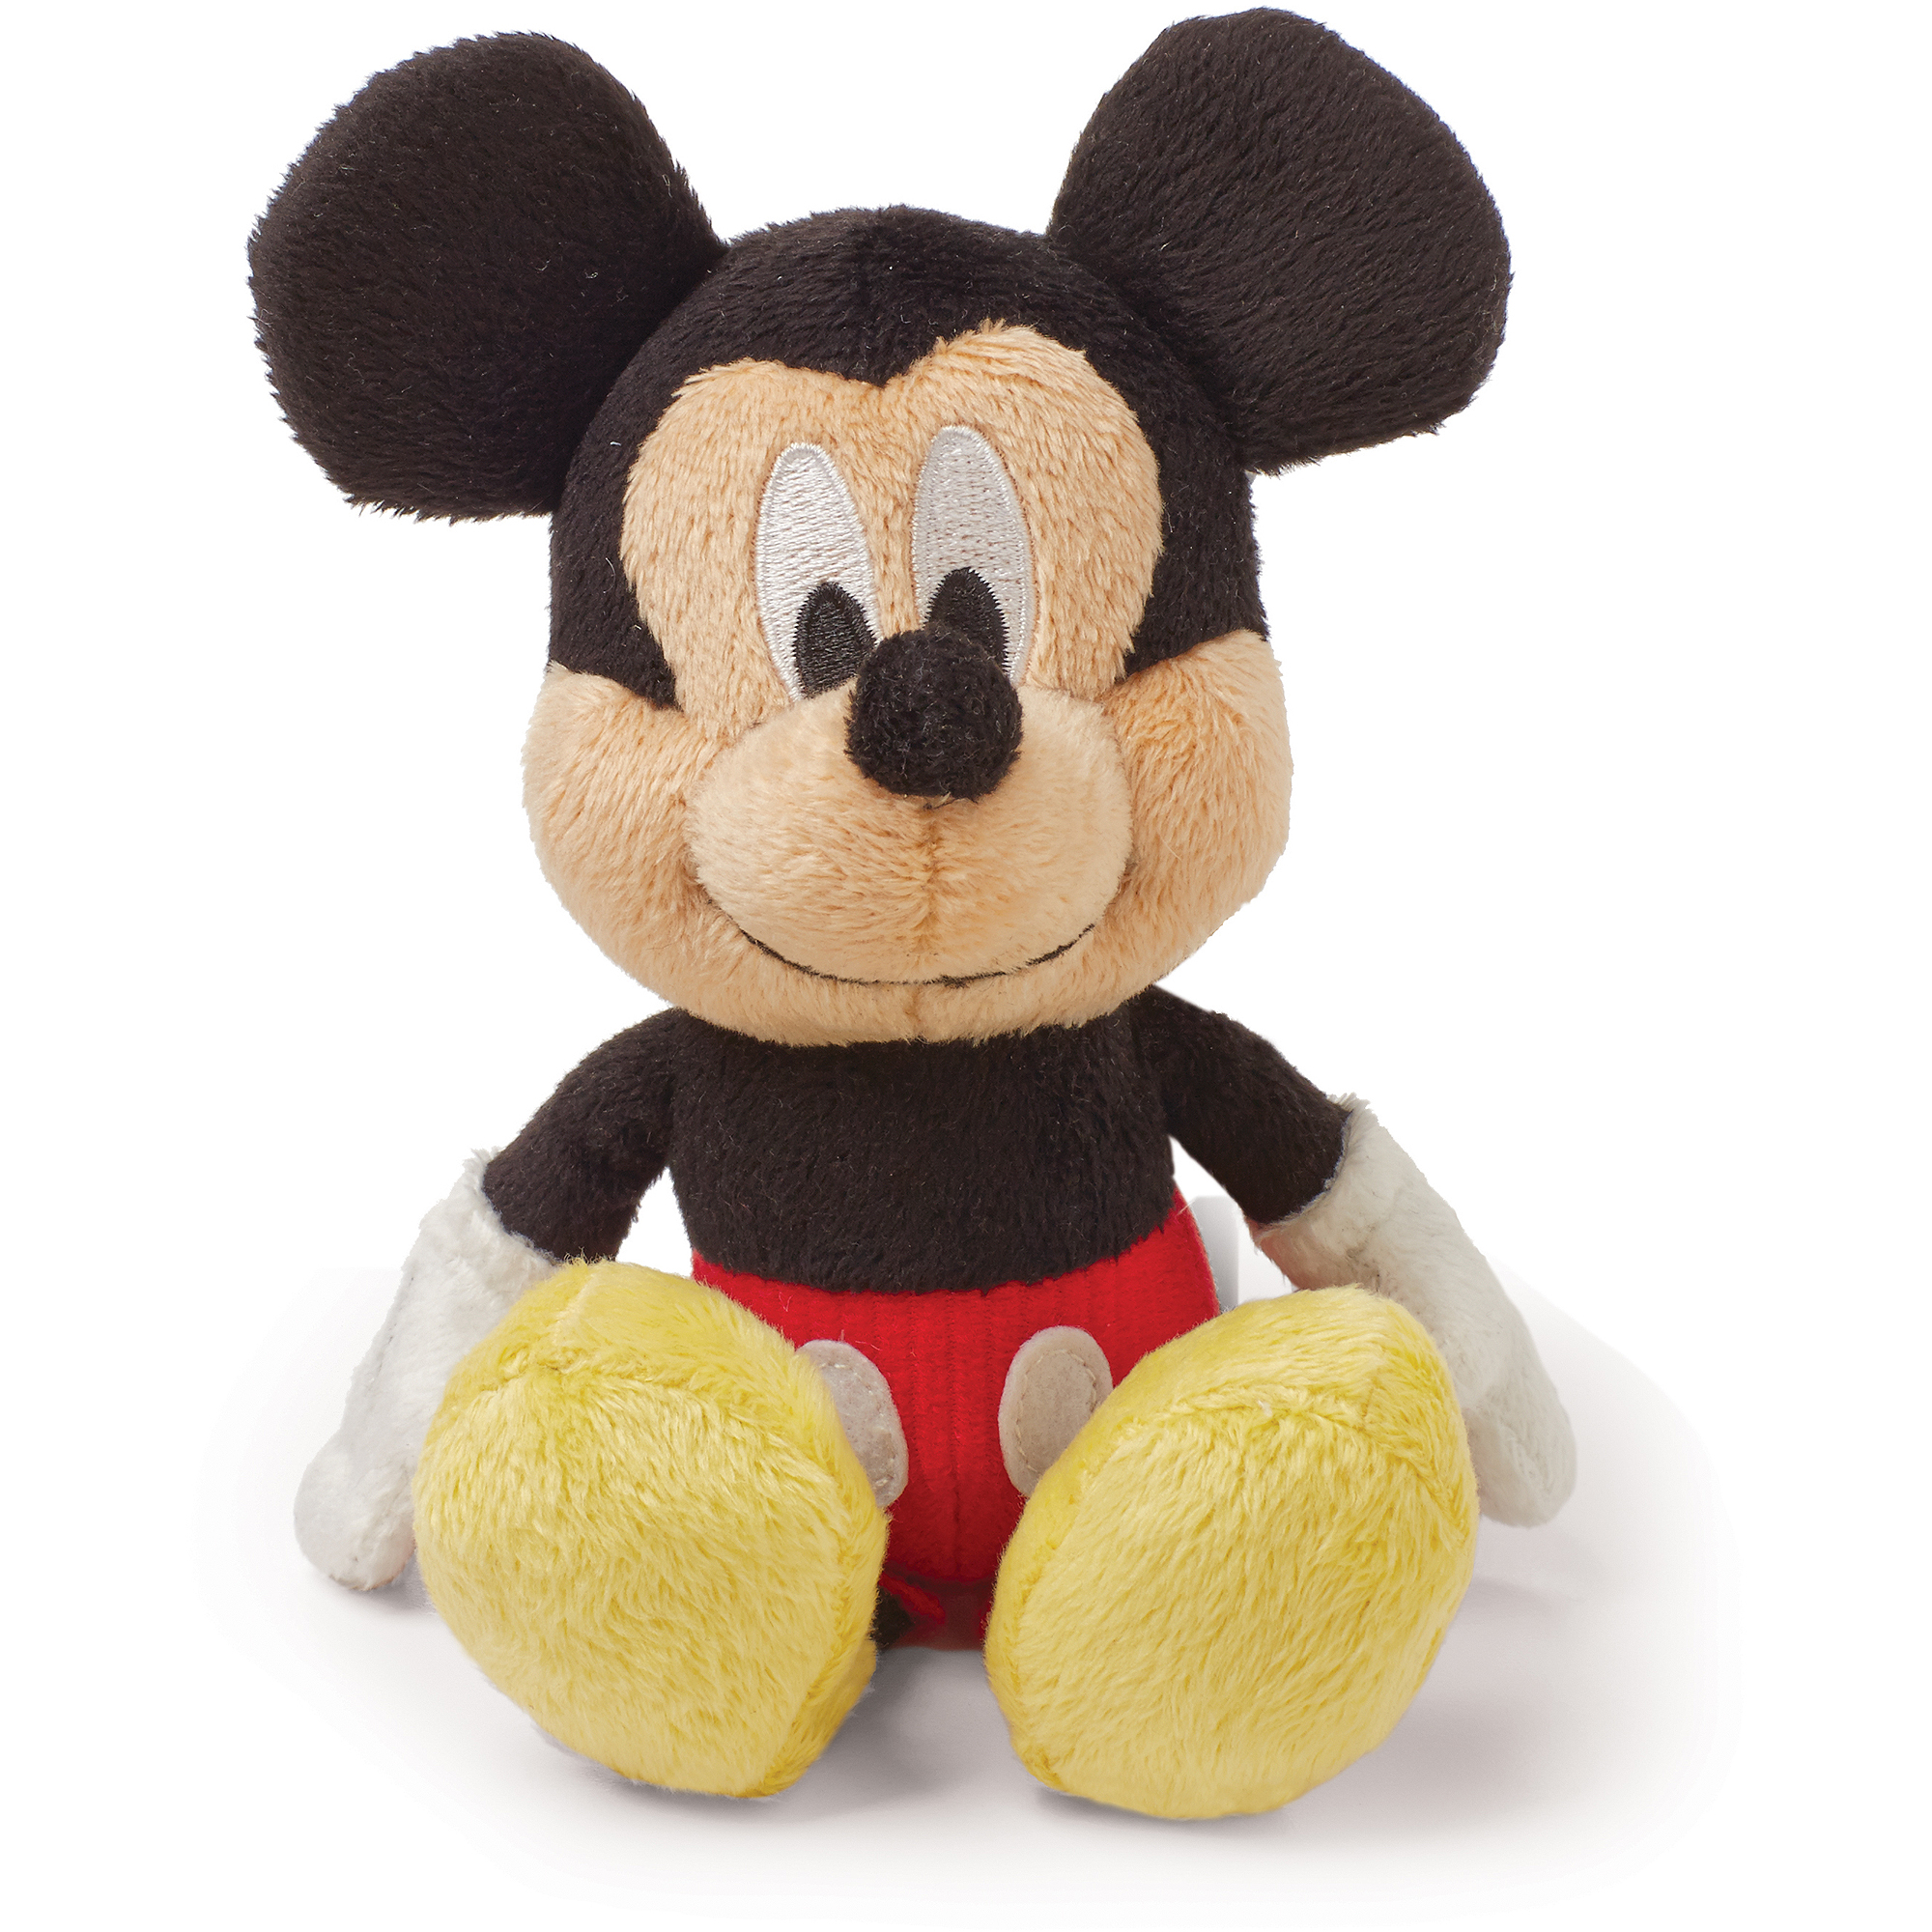 Kids Preferred Disney Baby Mini Jingler, Mickey Mouse